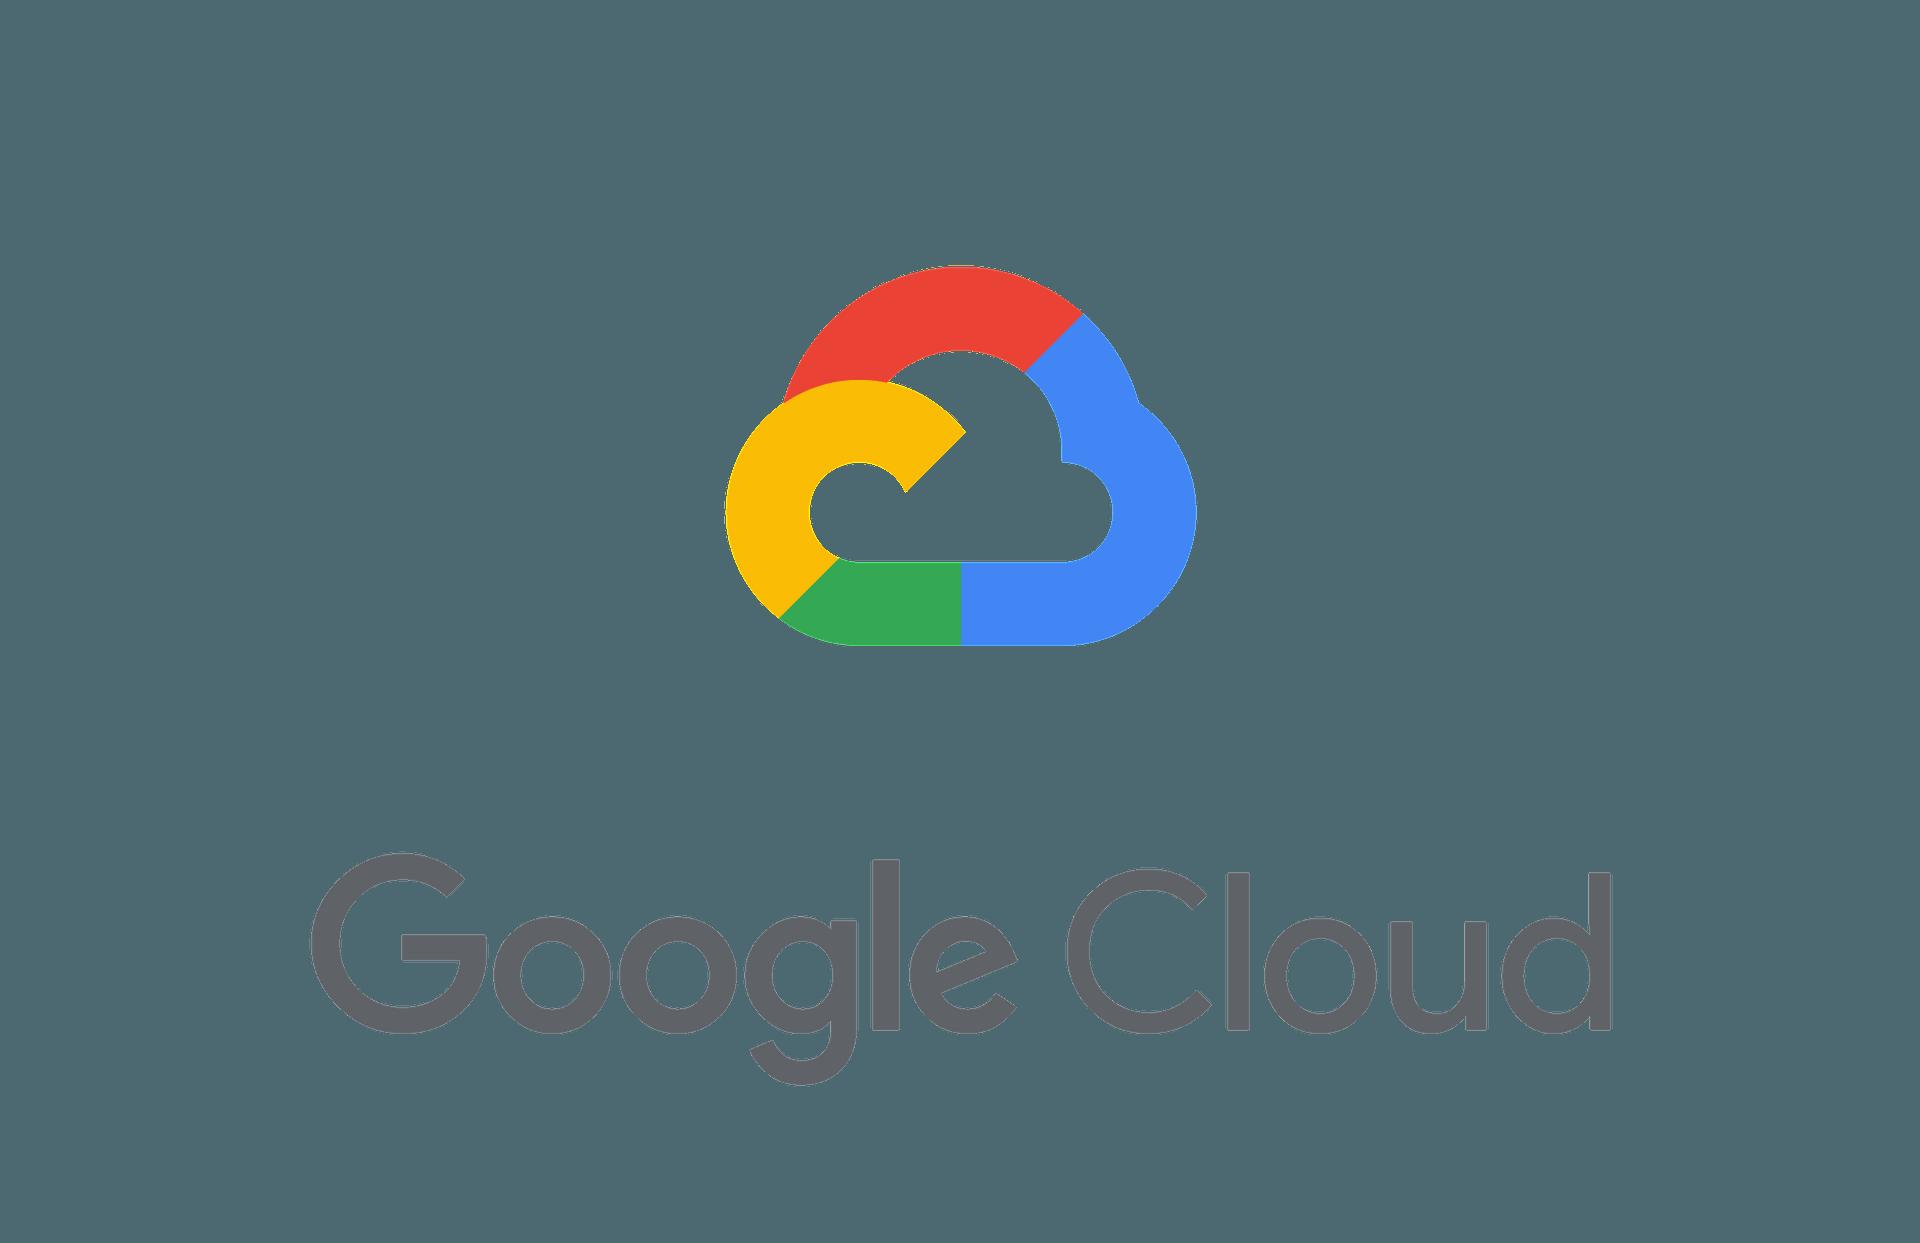 kisspng-google-cloud-platform-cloud-computing-bigquery-goo-google-5accf9d45f3503.29374420152338274039